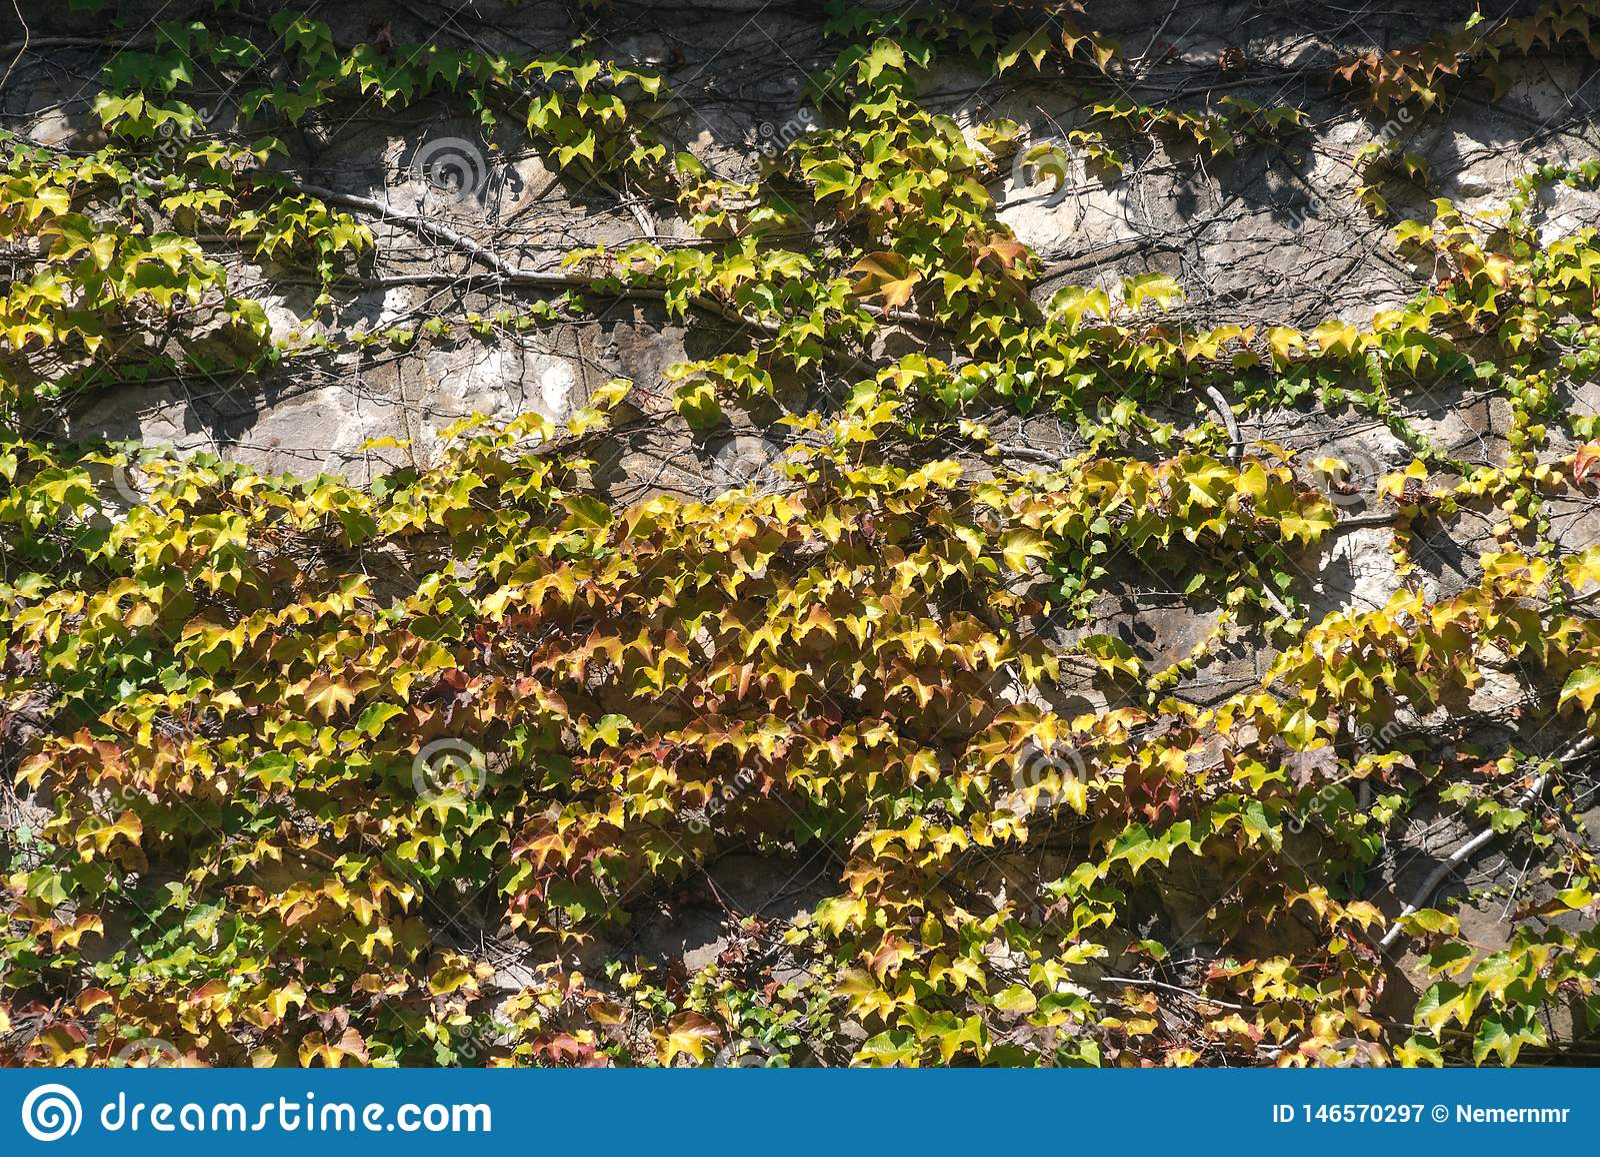 Struttura delle foglie dell edera su una parete di pietra, concetto di vecchie citt?, case, costruzioni, vegetazione su calcestru